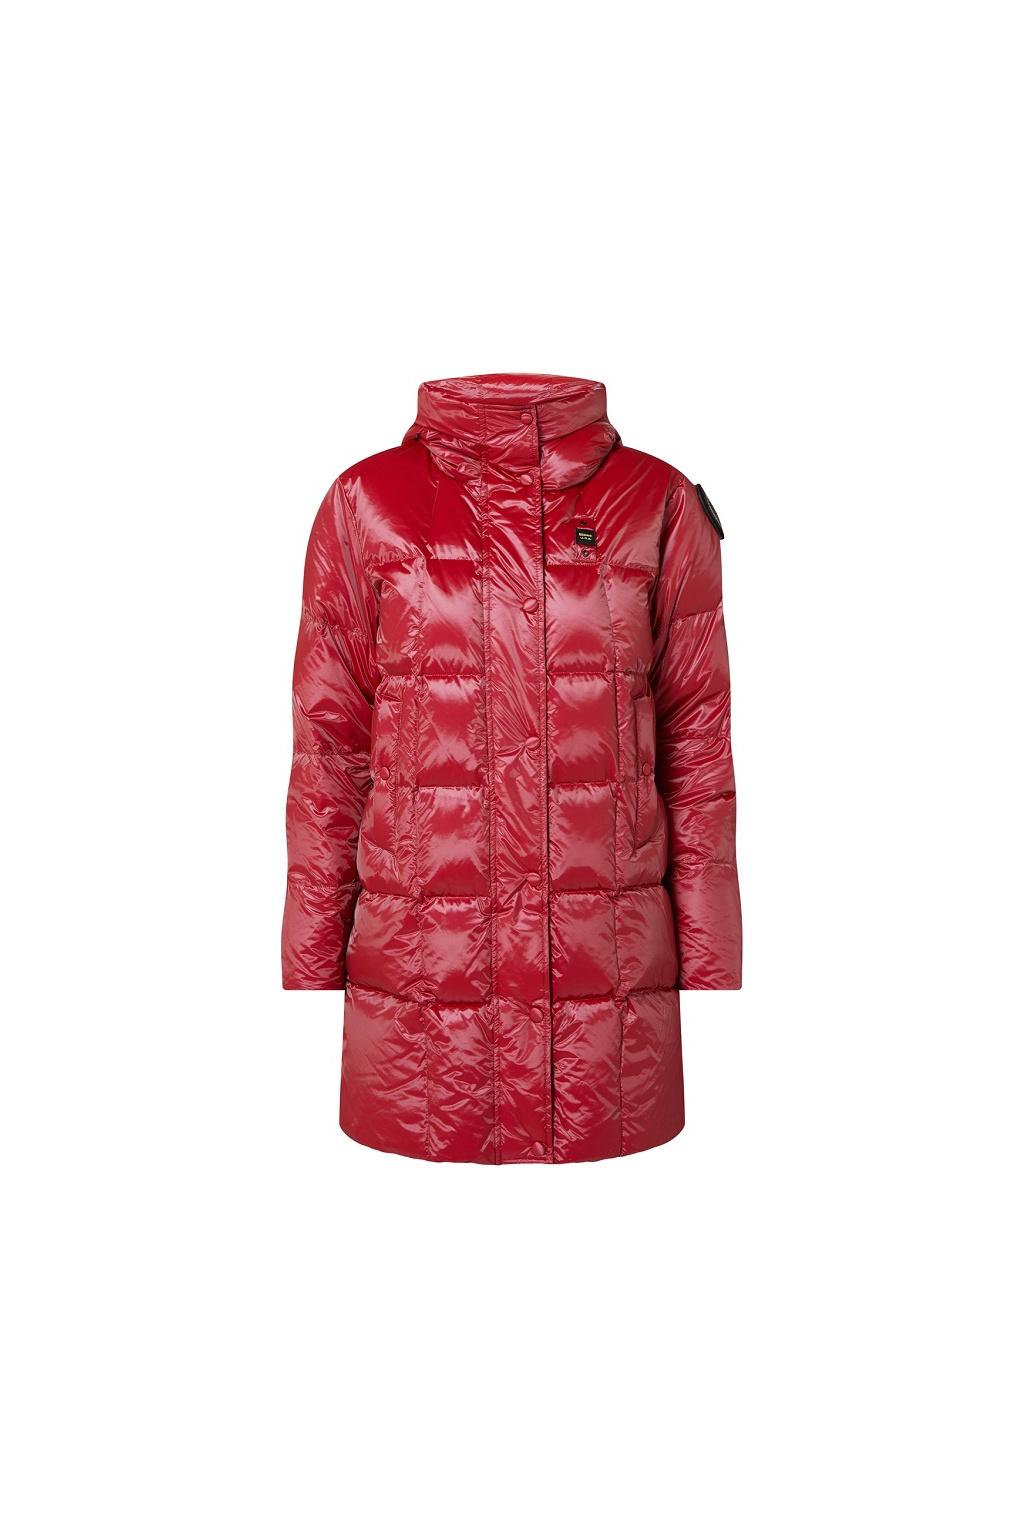 Dámská bunda Blauer 20WBLDK03019 červená